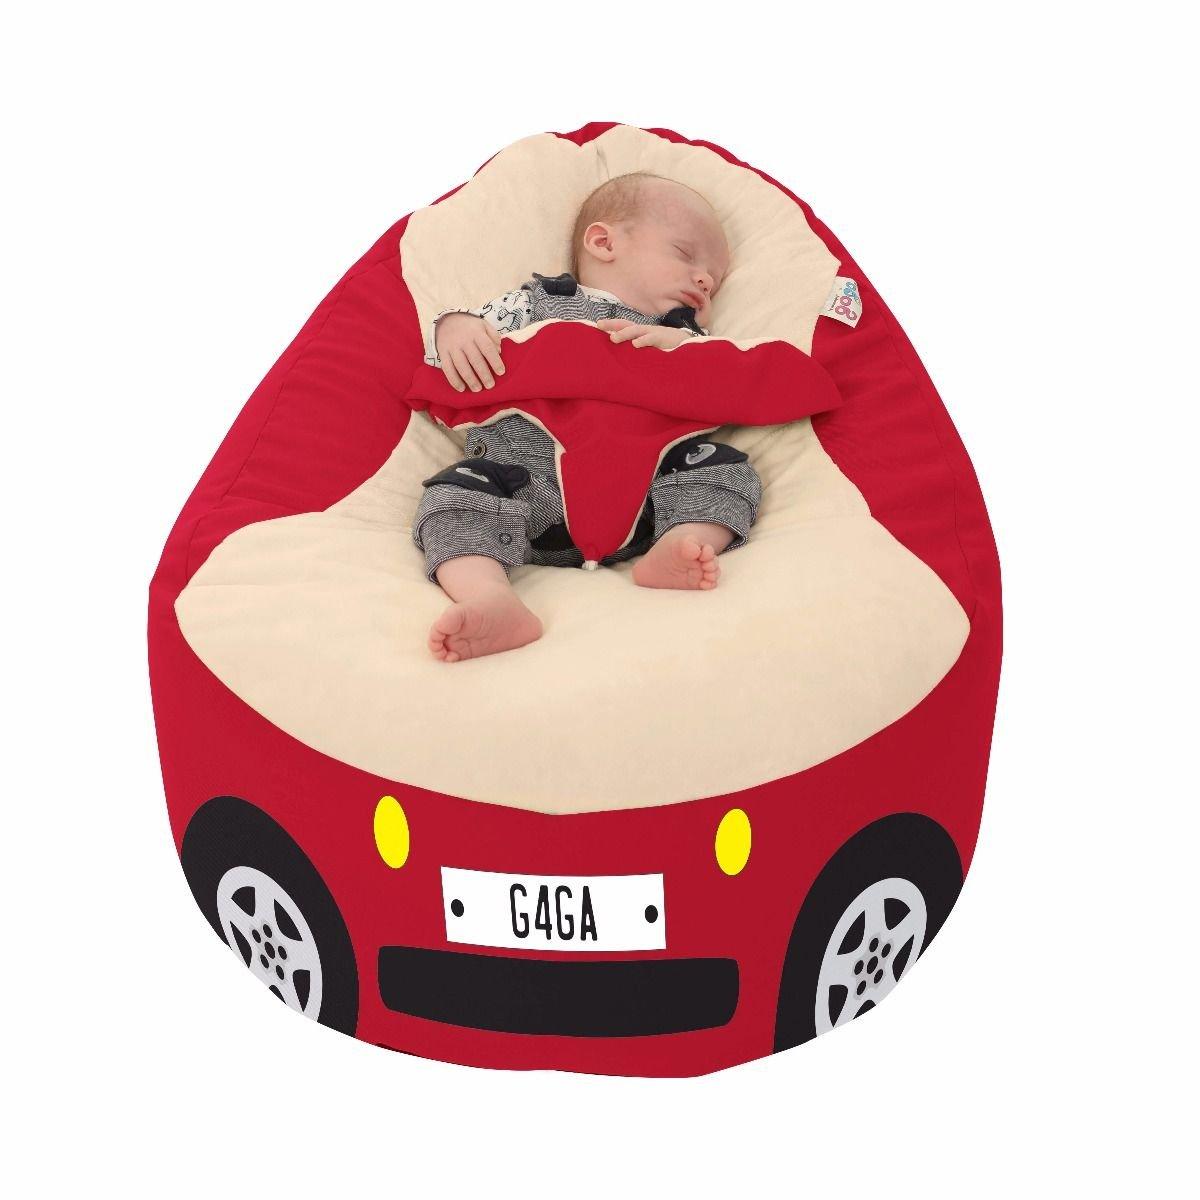 Racing Car Gaga+ Baby to Junior Beanbag (Charcoal) rucomfy Bean bags